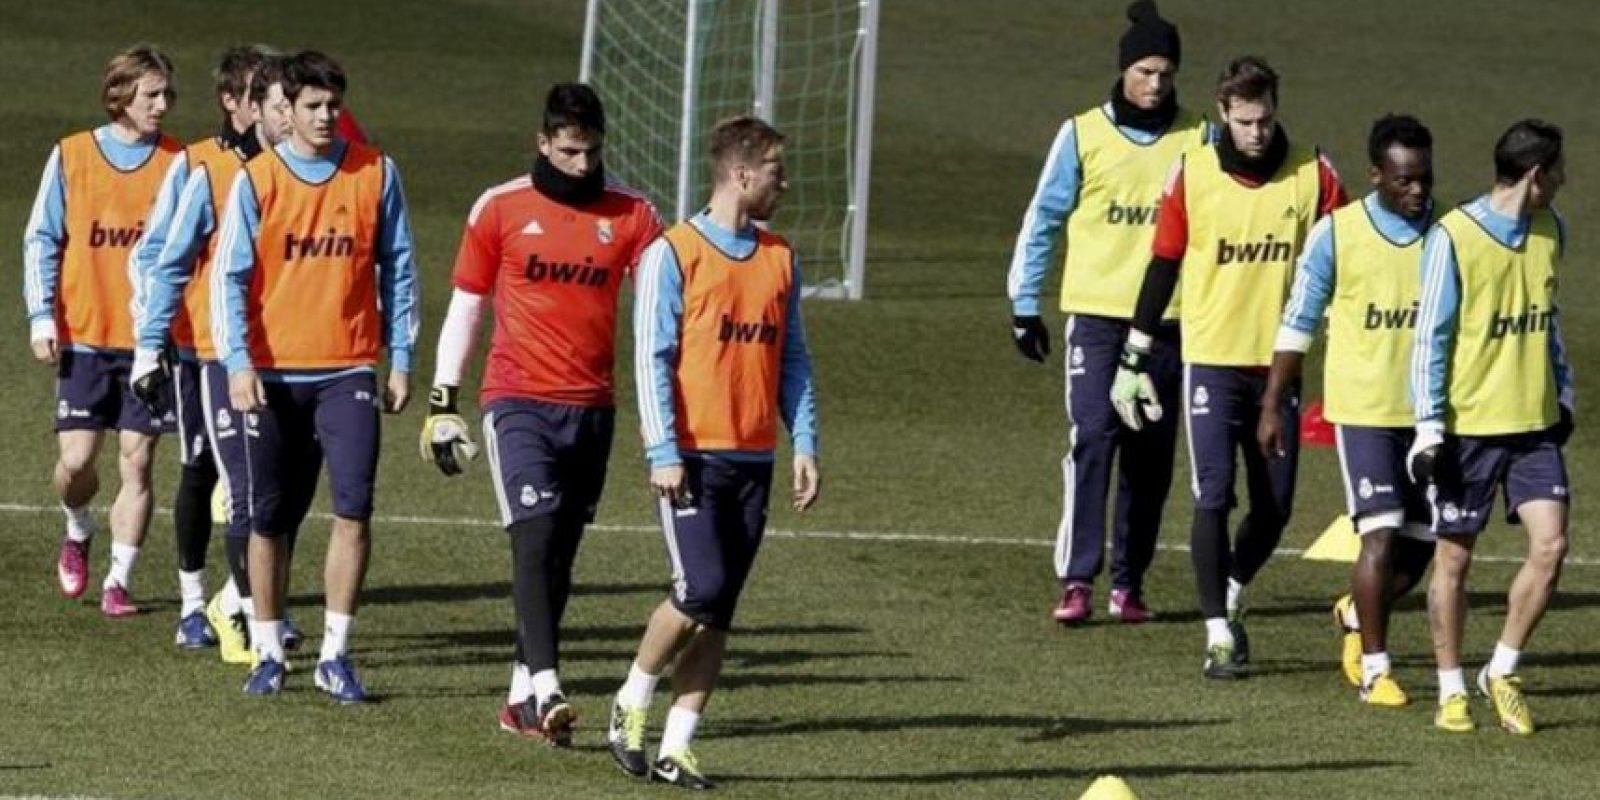 Los jugadores del Real Madrid durante el entrenamiento del equipo esta mañana en Valdebebas de cara a al partido de Liga que jugarán el próximo sábado frente al Deportivo en el estadio de Riazor. EFE